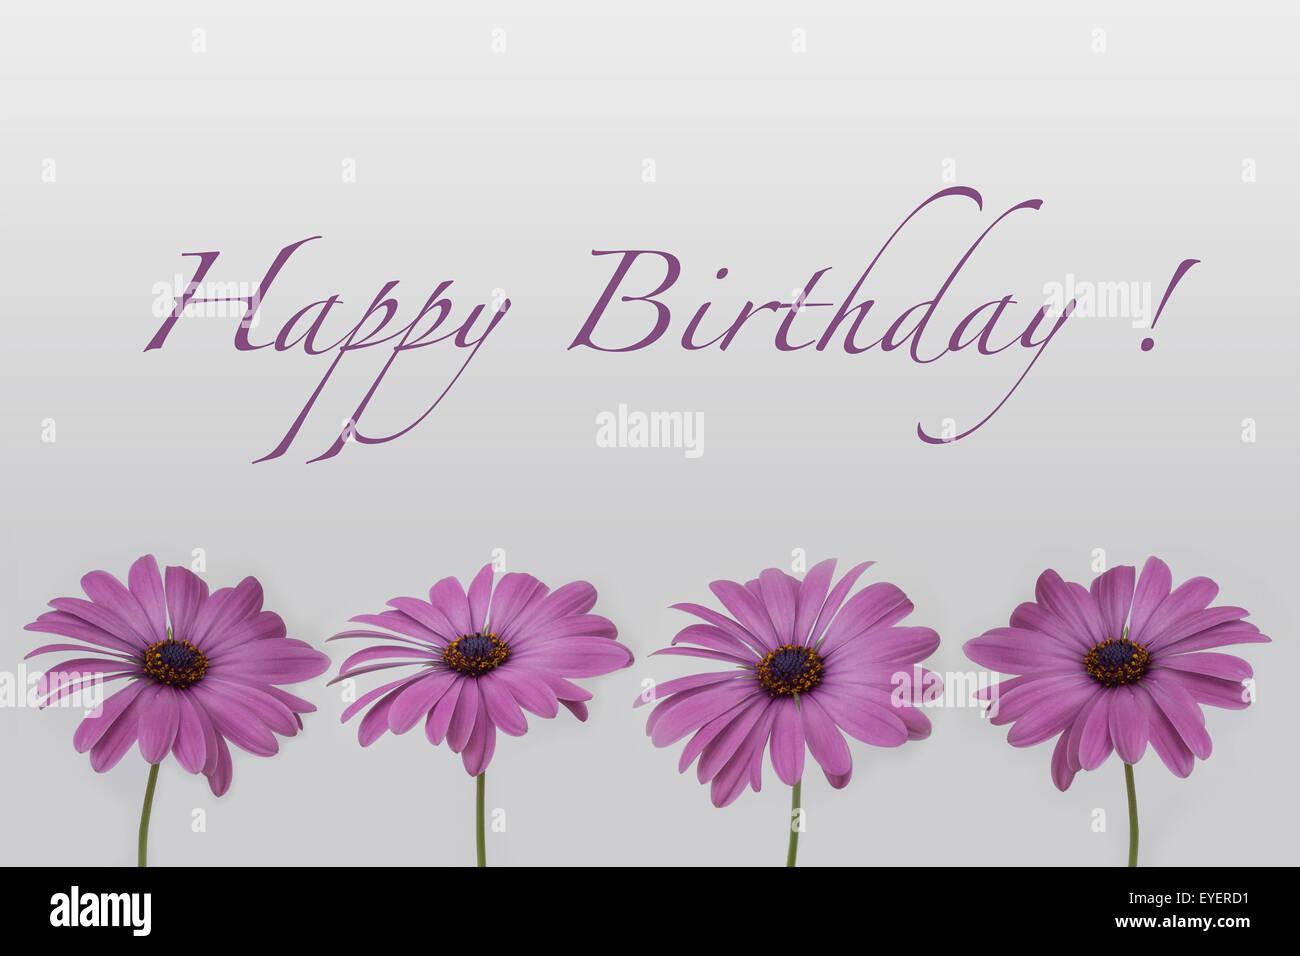 Happy birthday text flowers stock photos happy birthday text happy birthday flowers stock image izmirmasajfo